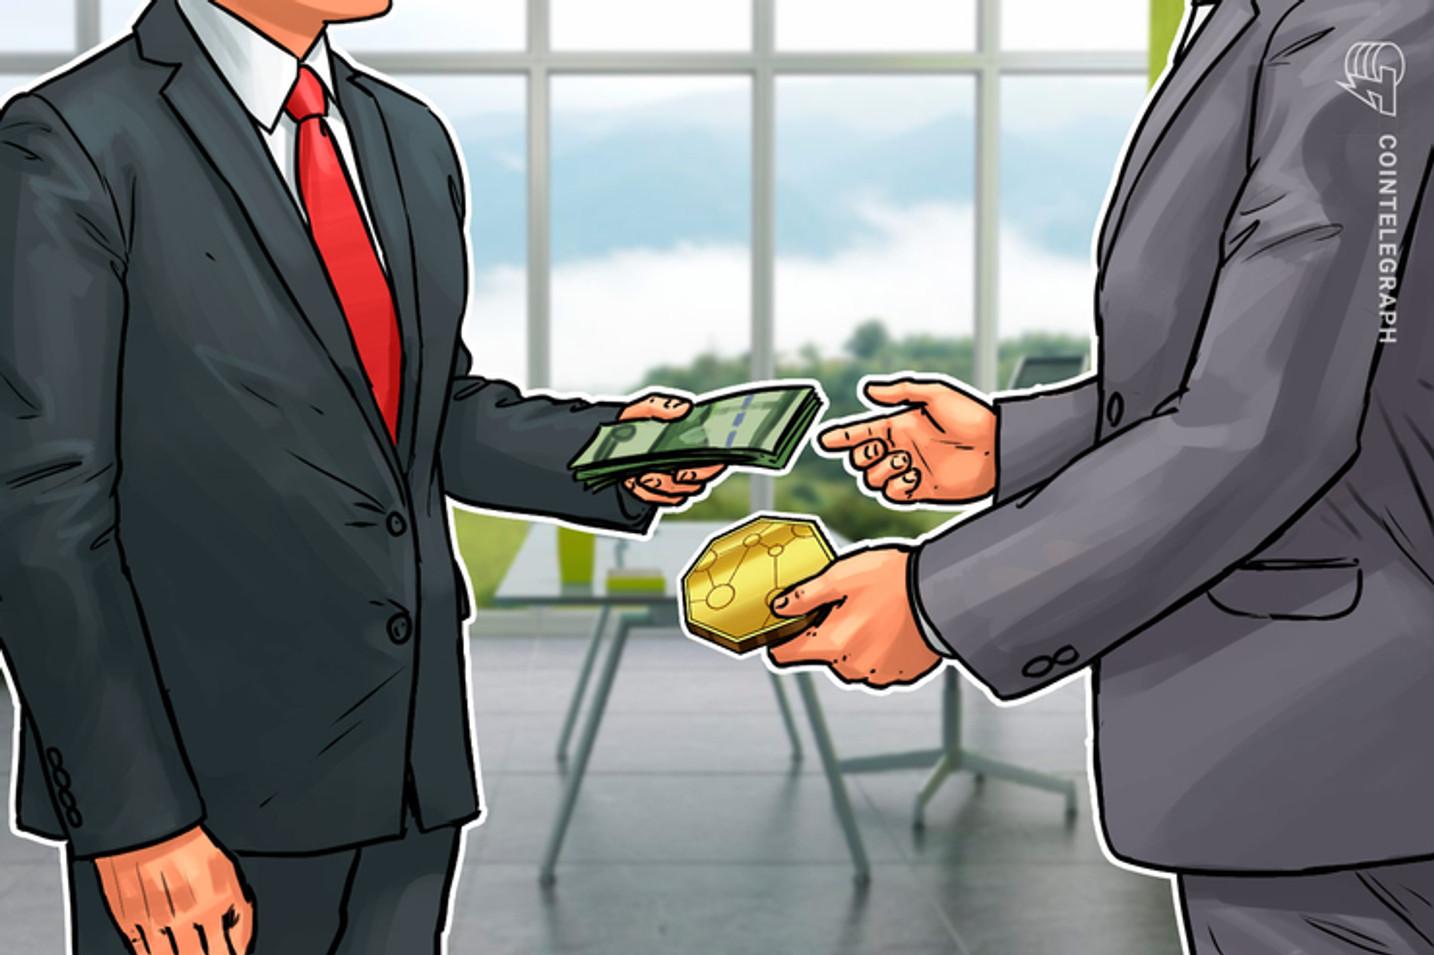 Kryptowährungen mit Bison-App der Börse Stuttgart jetzt rund um die Uhr handelbar